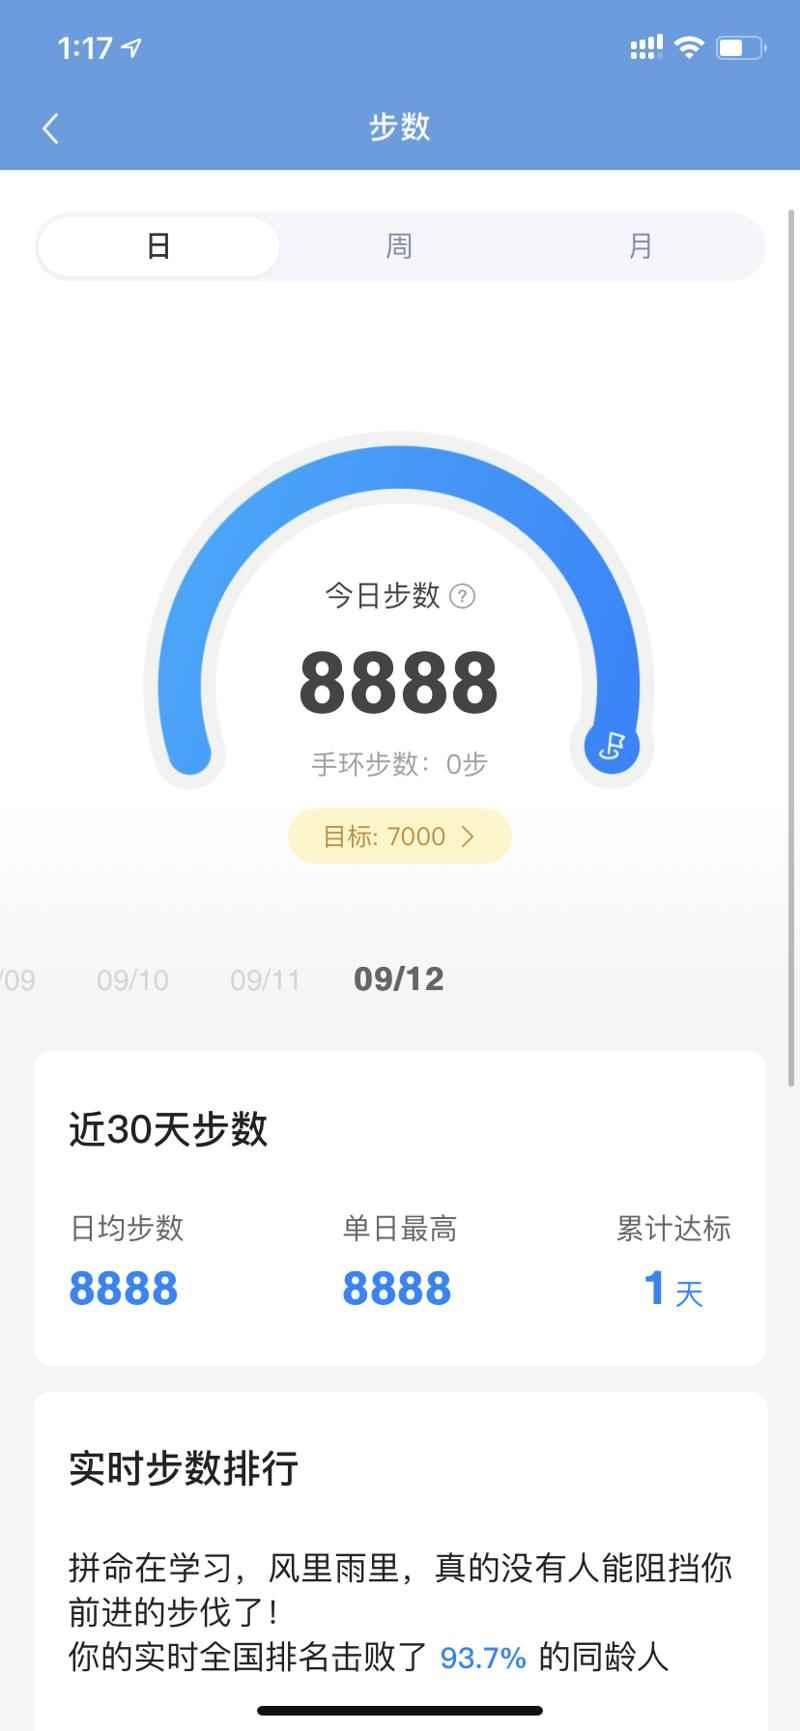 【刷步源码】乐心支付宝微信qq刷步源码-闲人源码